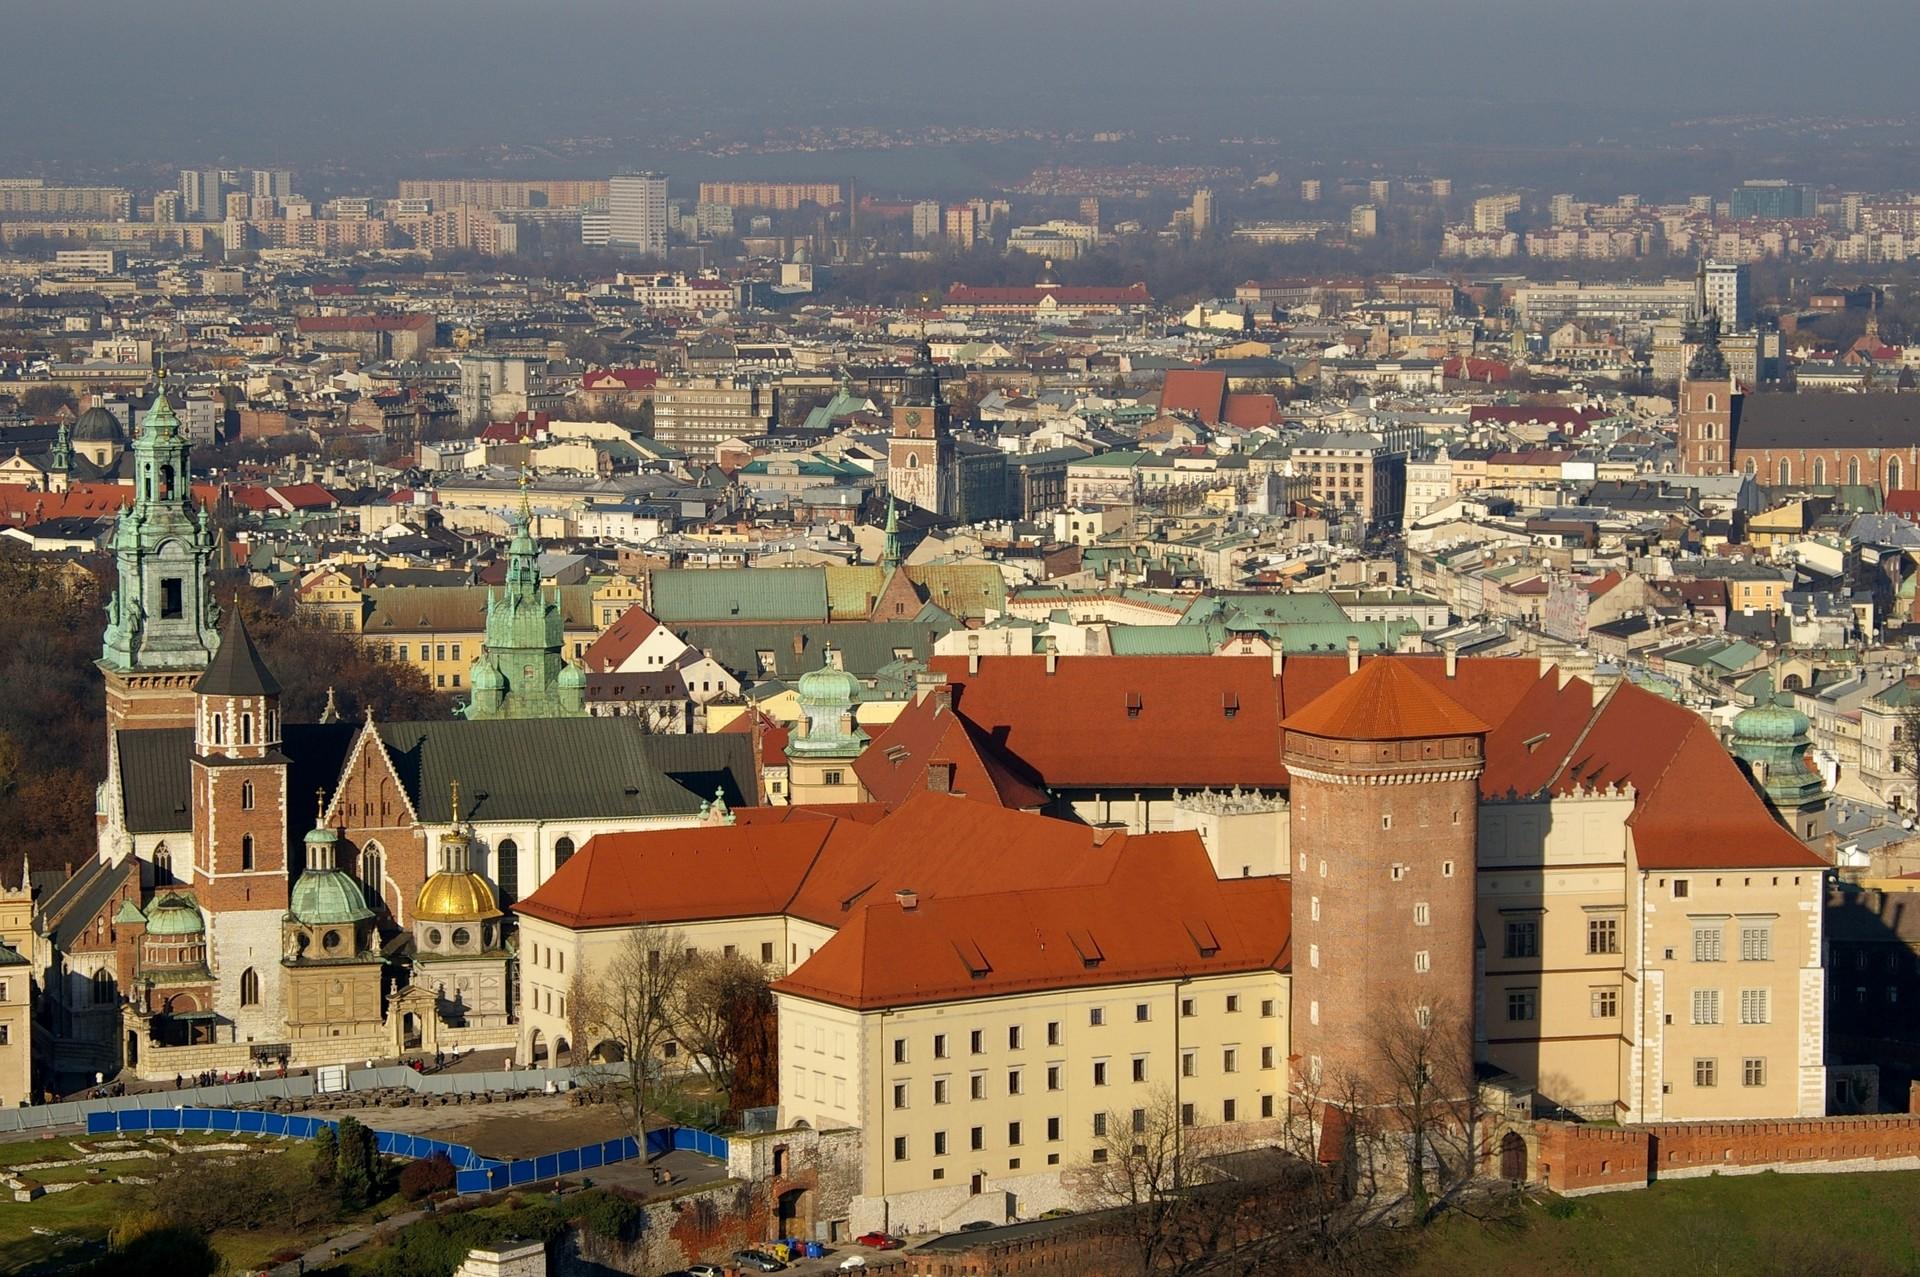 Erasmusowe doświadczenia w Krakowie, Polska oczami Manon